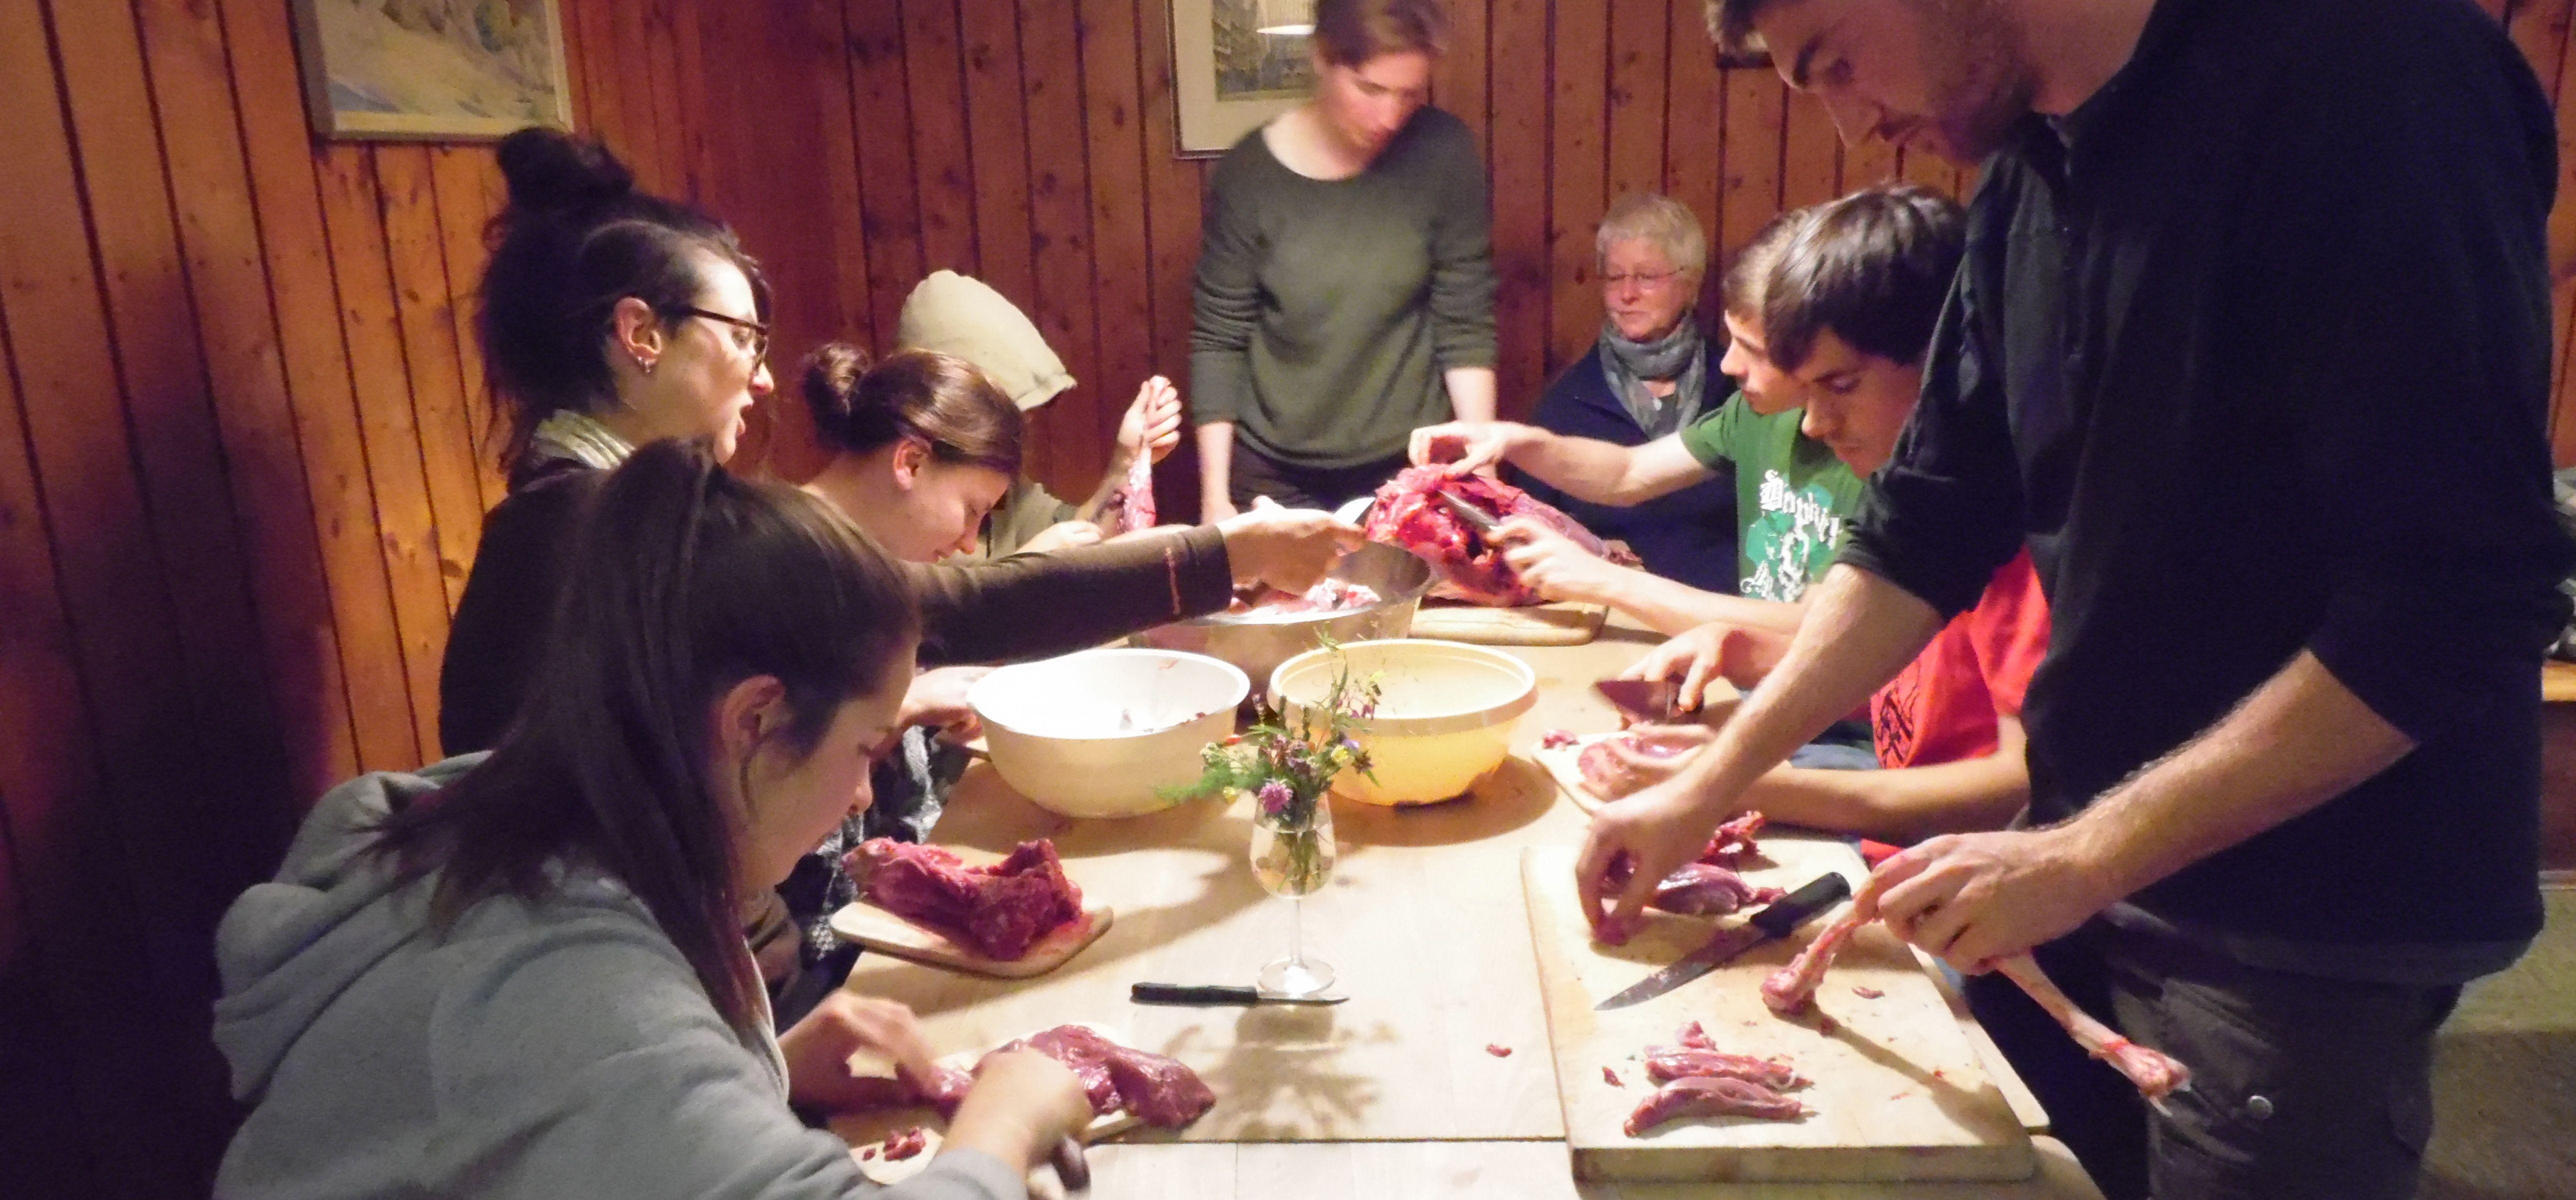 Vor dem Essen wird das Reh von allen Rehessern zerteilt.